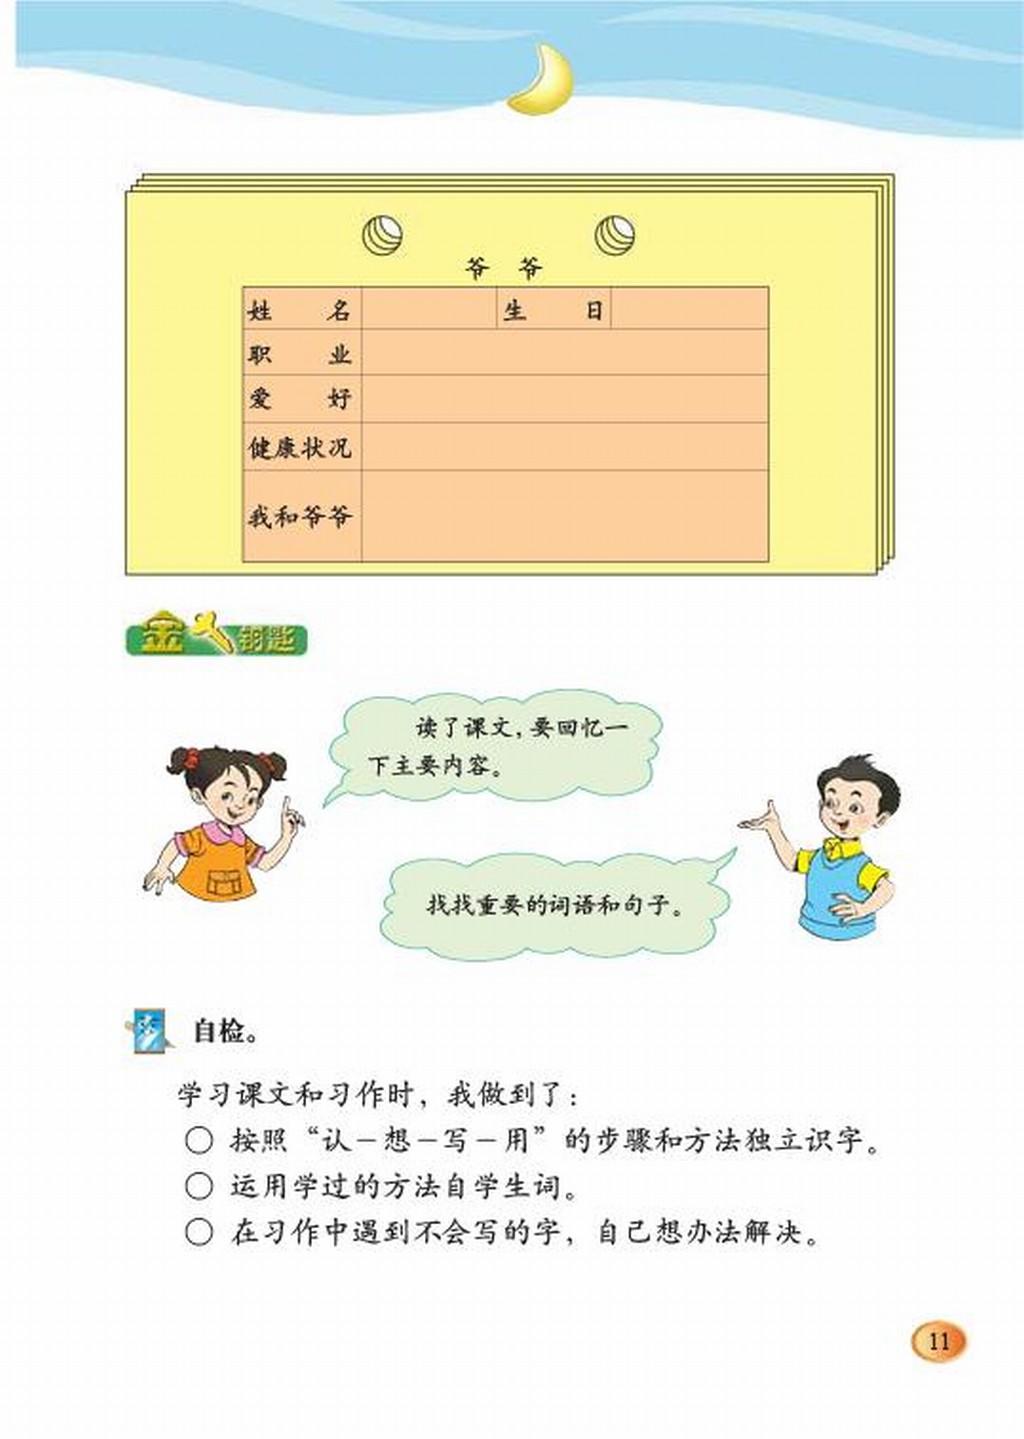 北师大版三年级亲情乳液:一下册(4)的语文初中生用能图片